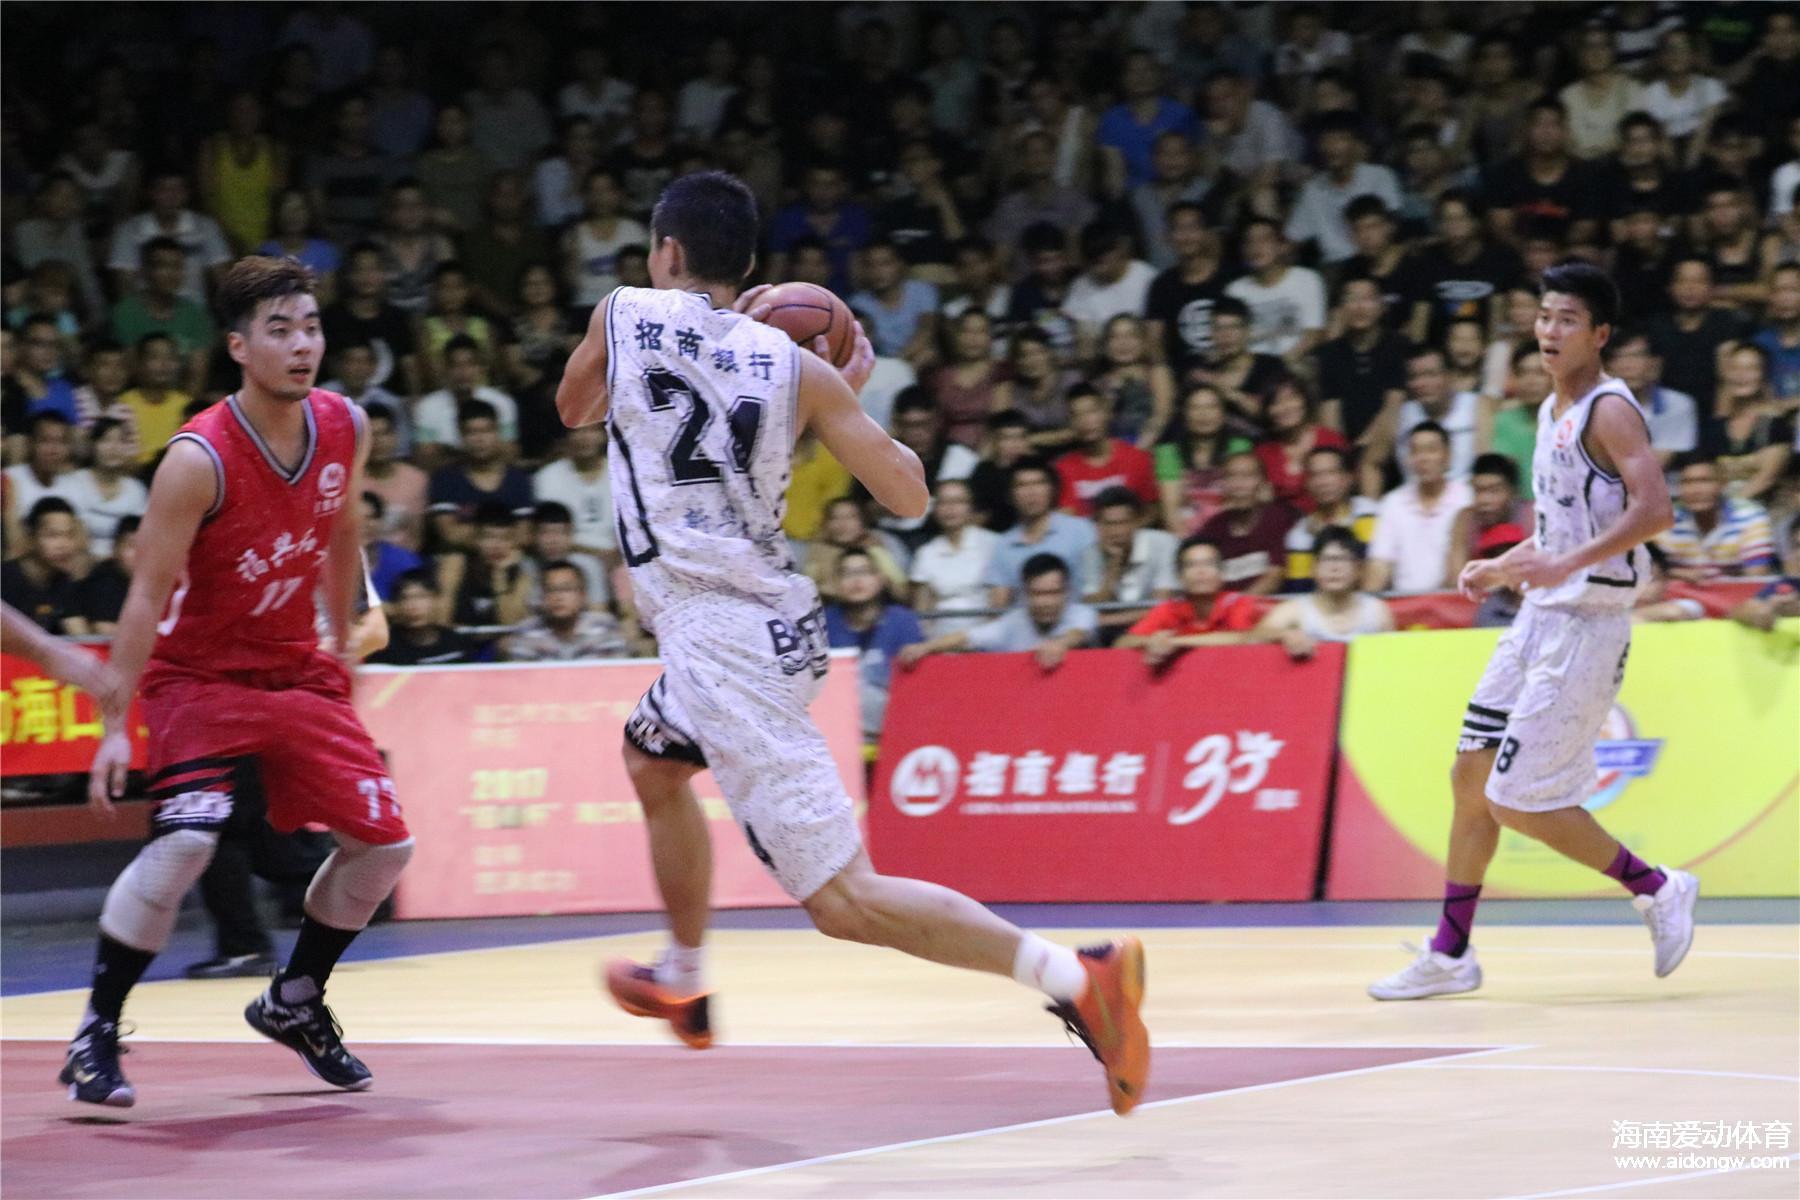 【视频】海口市篮球联赛决赛第三回合:宁翔新华84:79胜福兴和平